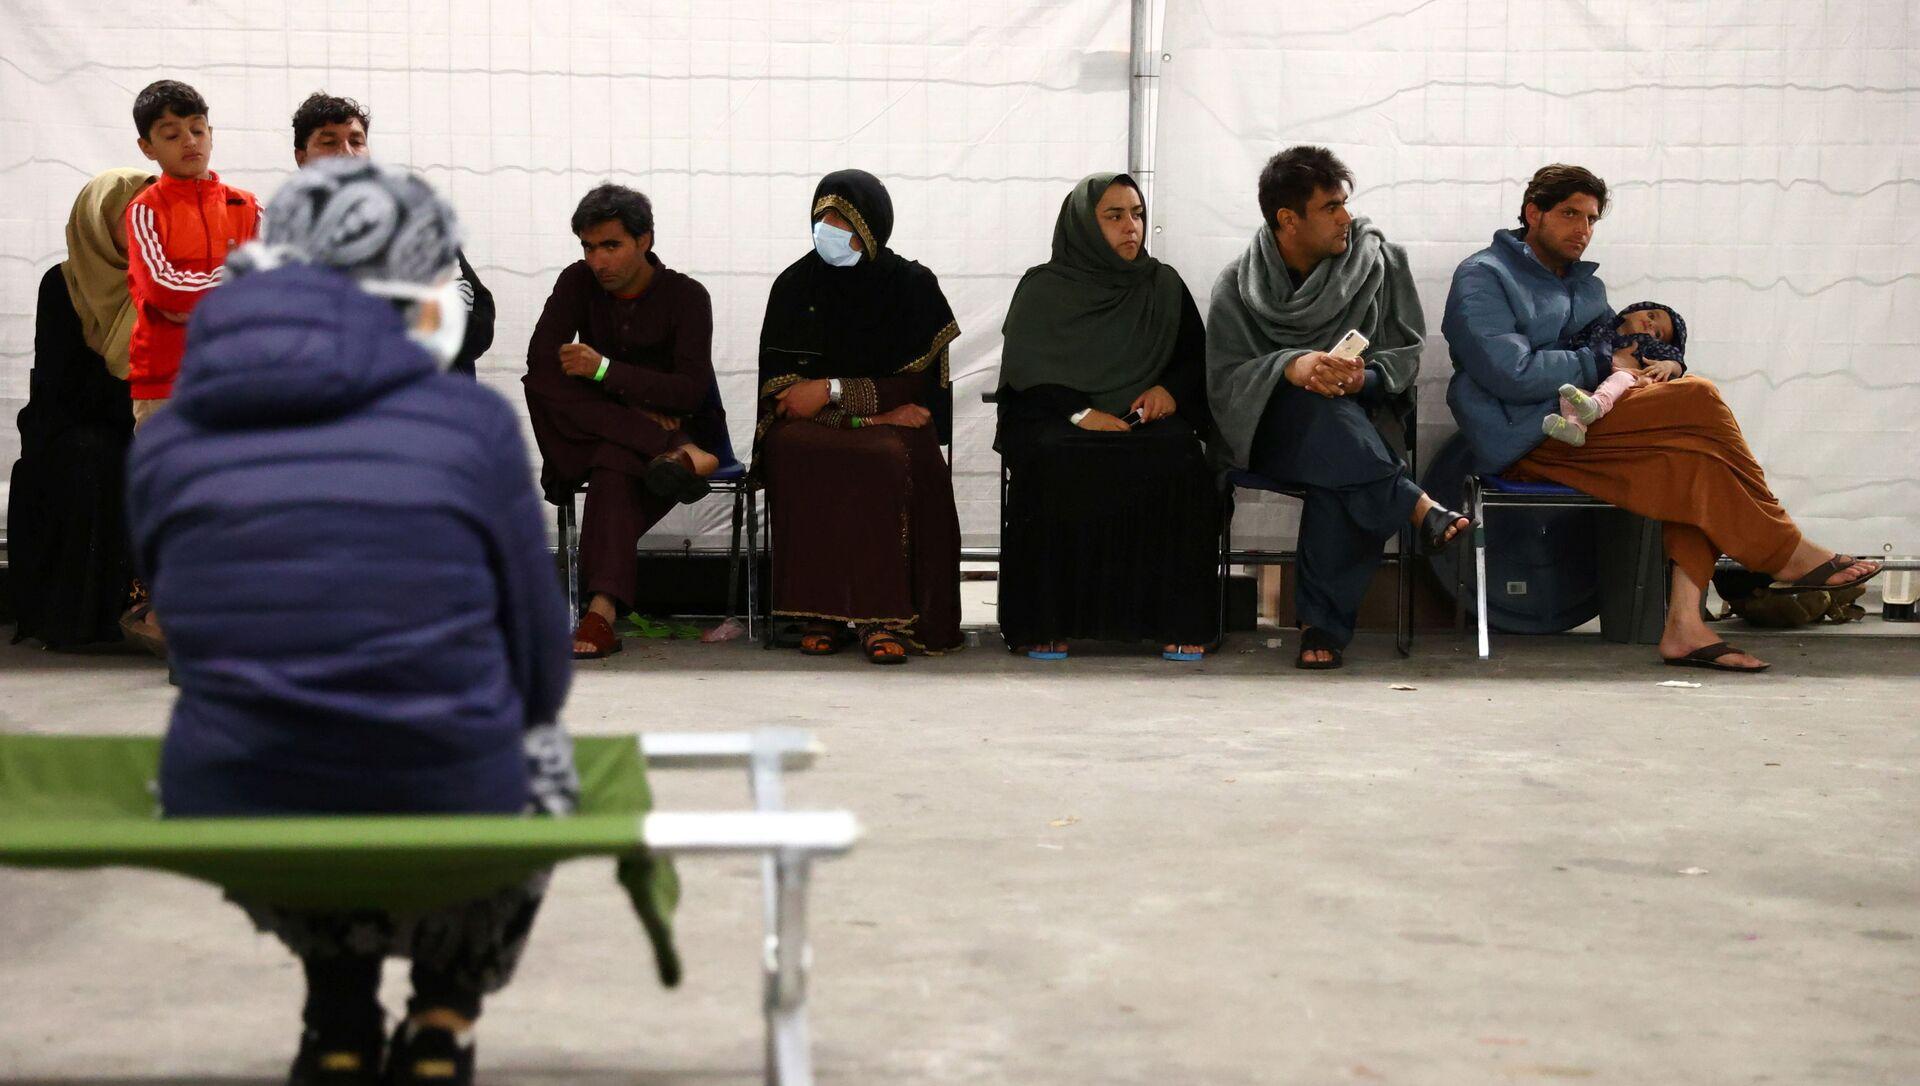 Эвакуированные из Афганистана в Кайзерслаутерне, Германия - Sputnik Азербайджан, 1920, 31.08.2021